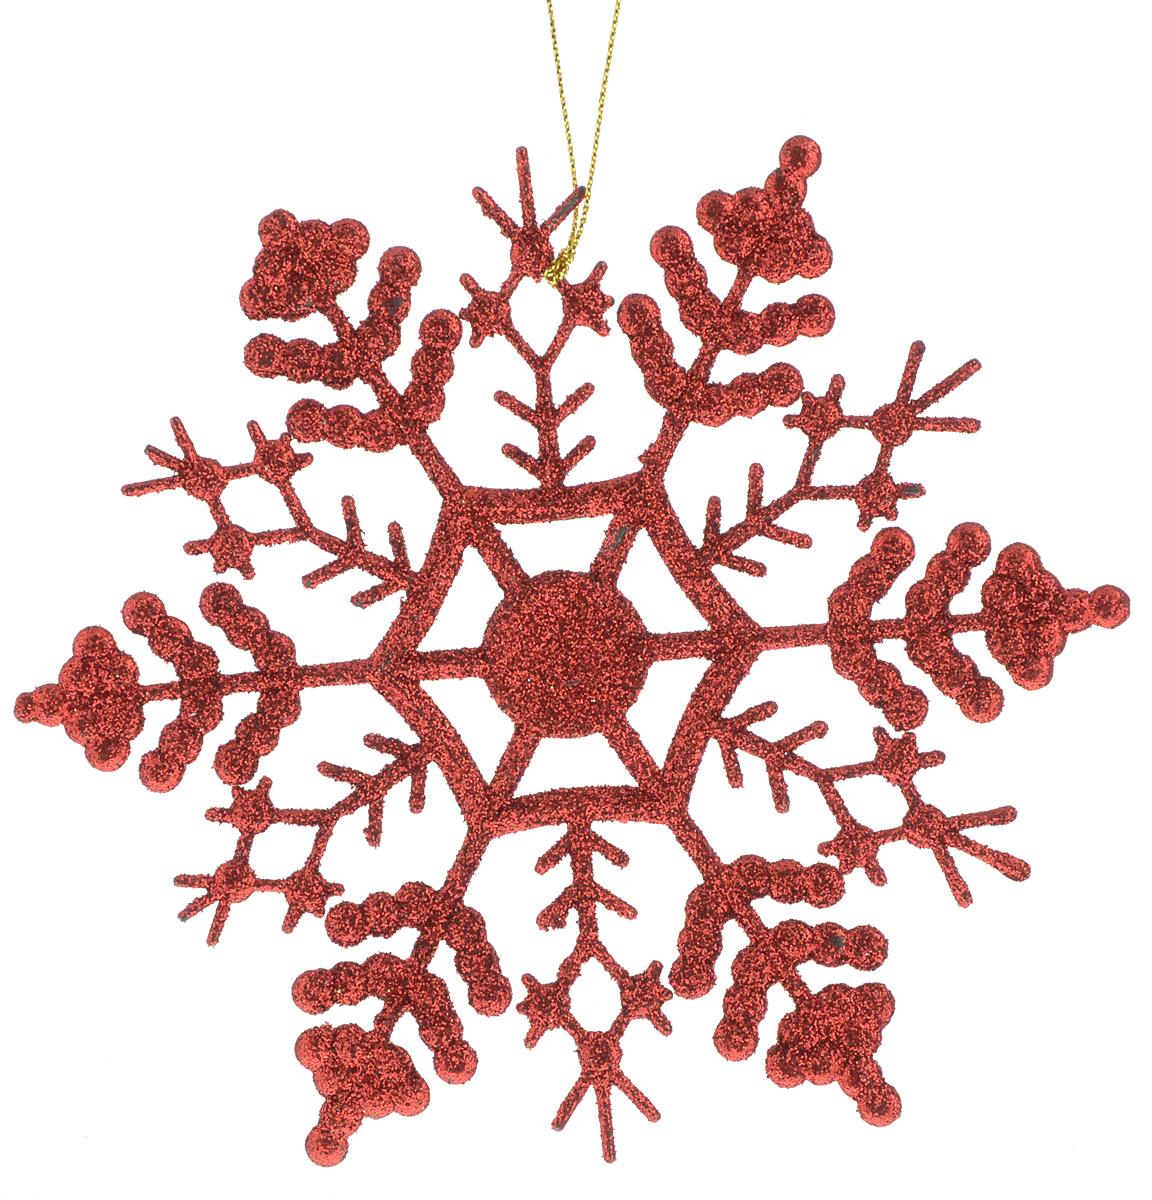 Украшение новогоднее подвесное Magic Time Снежинка-паутинка красная, 16,5 х 16,5 см38728Новогоднее подвесное украшение Magic Time Снежинка-паутинка красная выполнено из полипропилена в виде снежинки и украшено блестками. С помощью специальной петельки украшение можно повесить в любом понравившемся вам месте. Но, конечно, удачнее всего оно будет смотреться на праздничной елке. Елочная игрушка - символ Нового года. Она несет в себе волшебство и красоту праздника. Создайте в своем доме атмосферу веселья и радости, украшая новогоднюю елку нарядными игрушками, которые будут из года в год накапливать теплоту воспоминаний. Материал: полипропилен. Размер: 16,5 х 16,5 см.